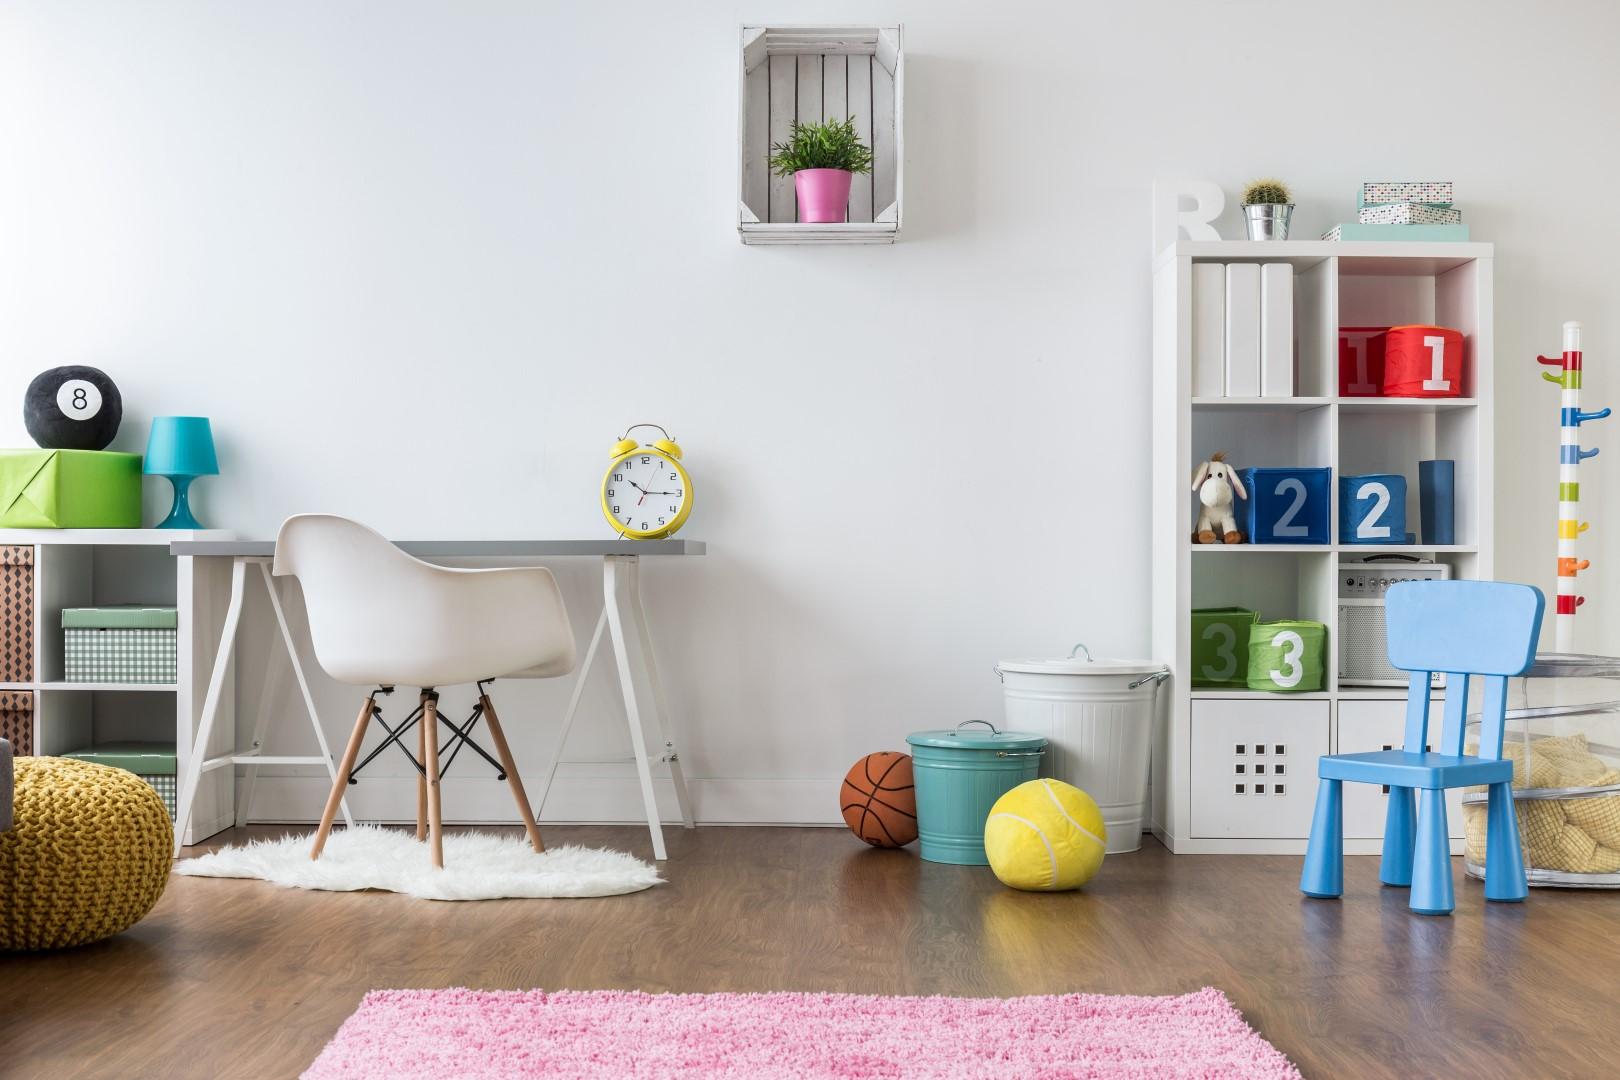 Bílý pokoj s barevnými doplňky